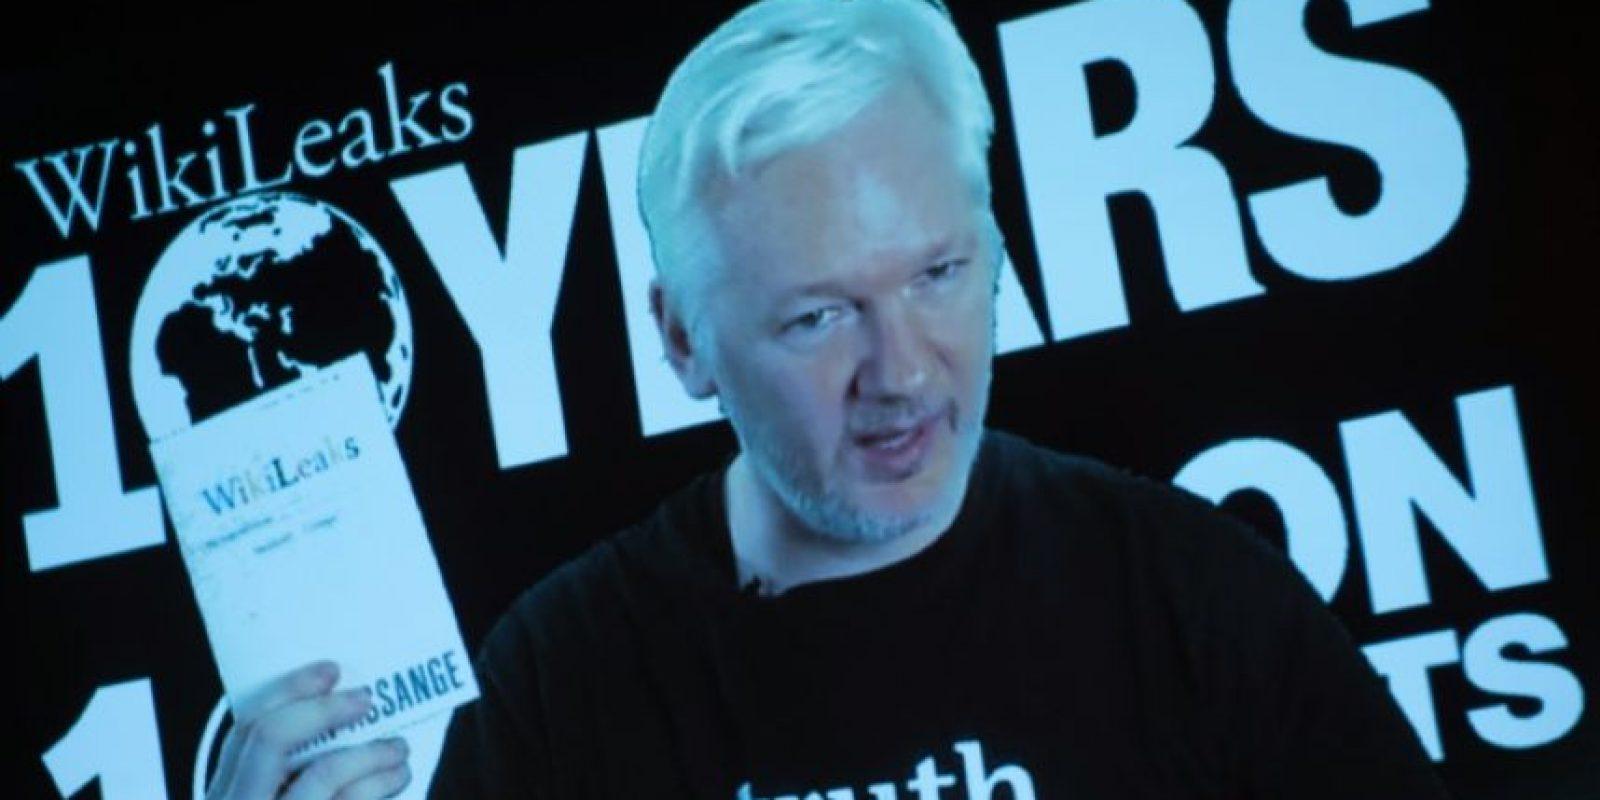 El fundador de WikiLeaks, Julian Assange, el 4 de octubre de 2016, durante una videoconferencia con periodistas en Berlín Foto:Steffi Loos/afp.com